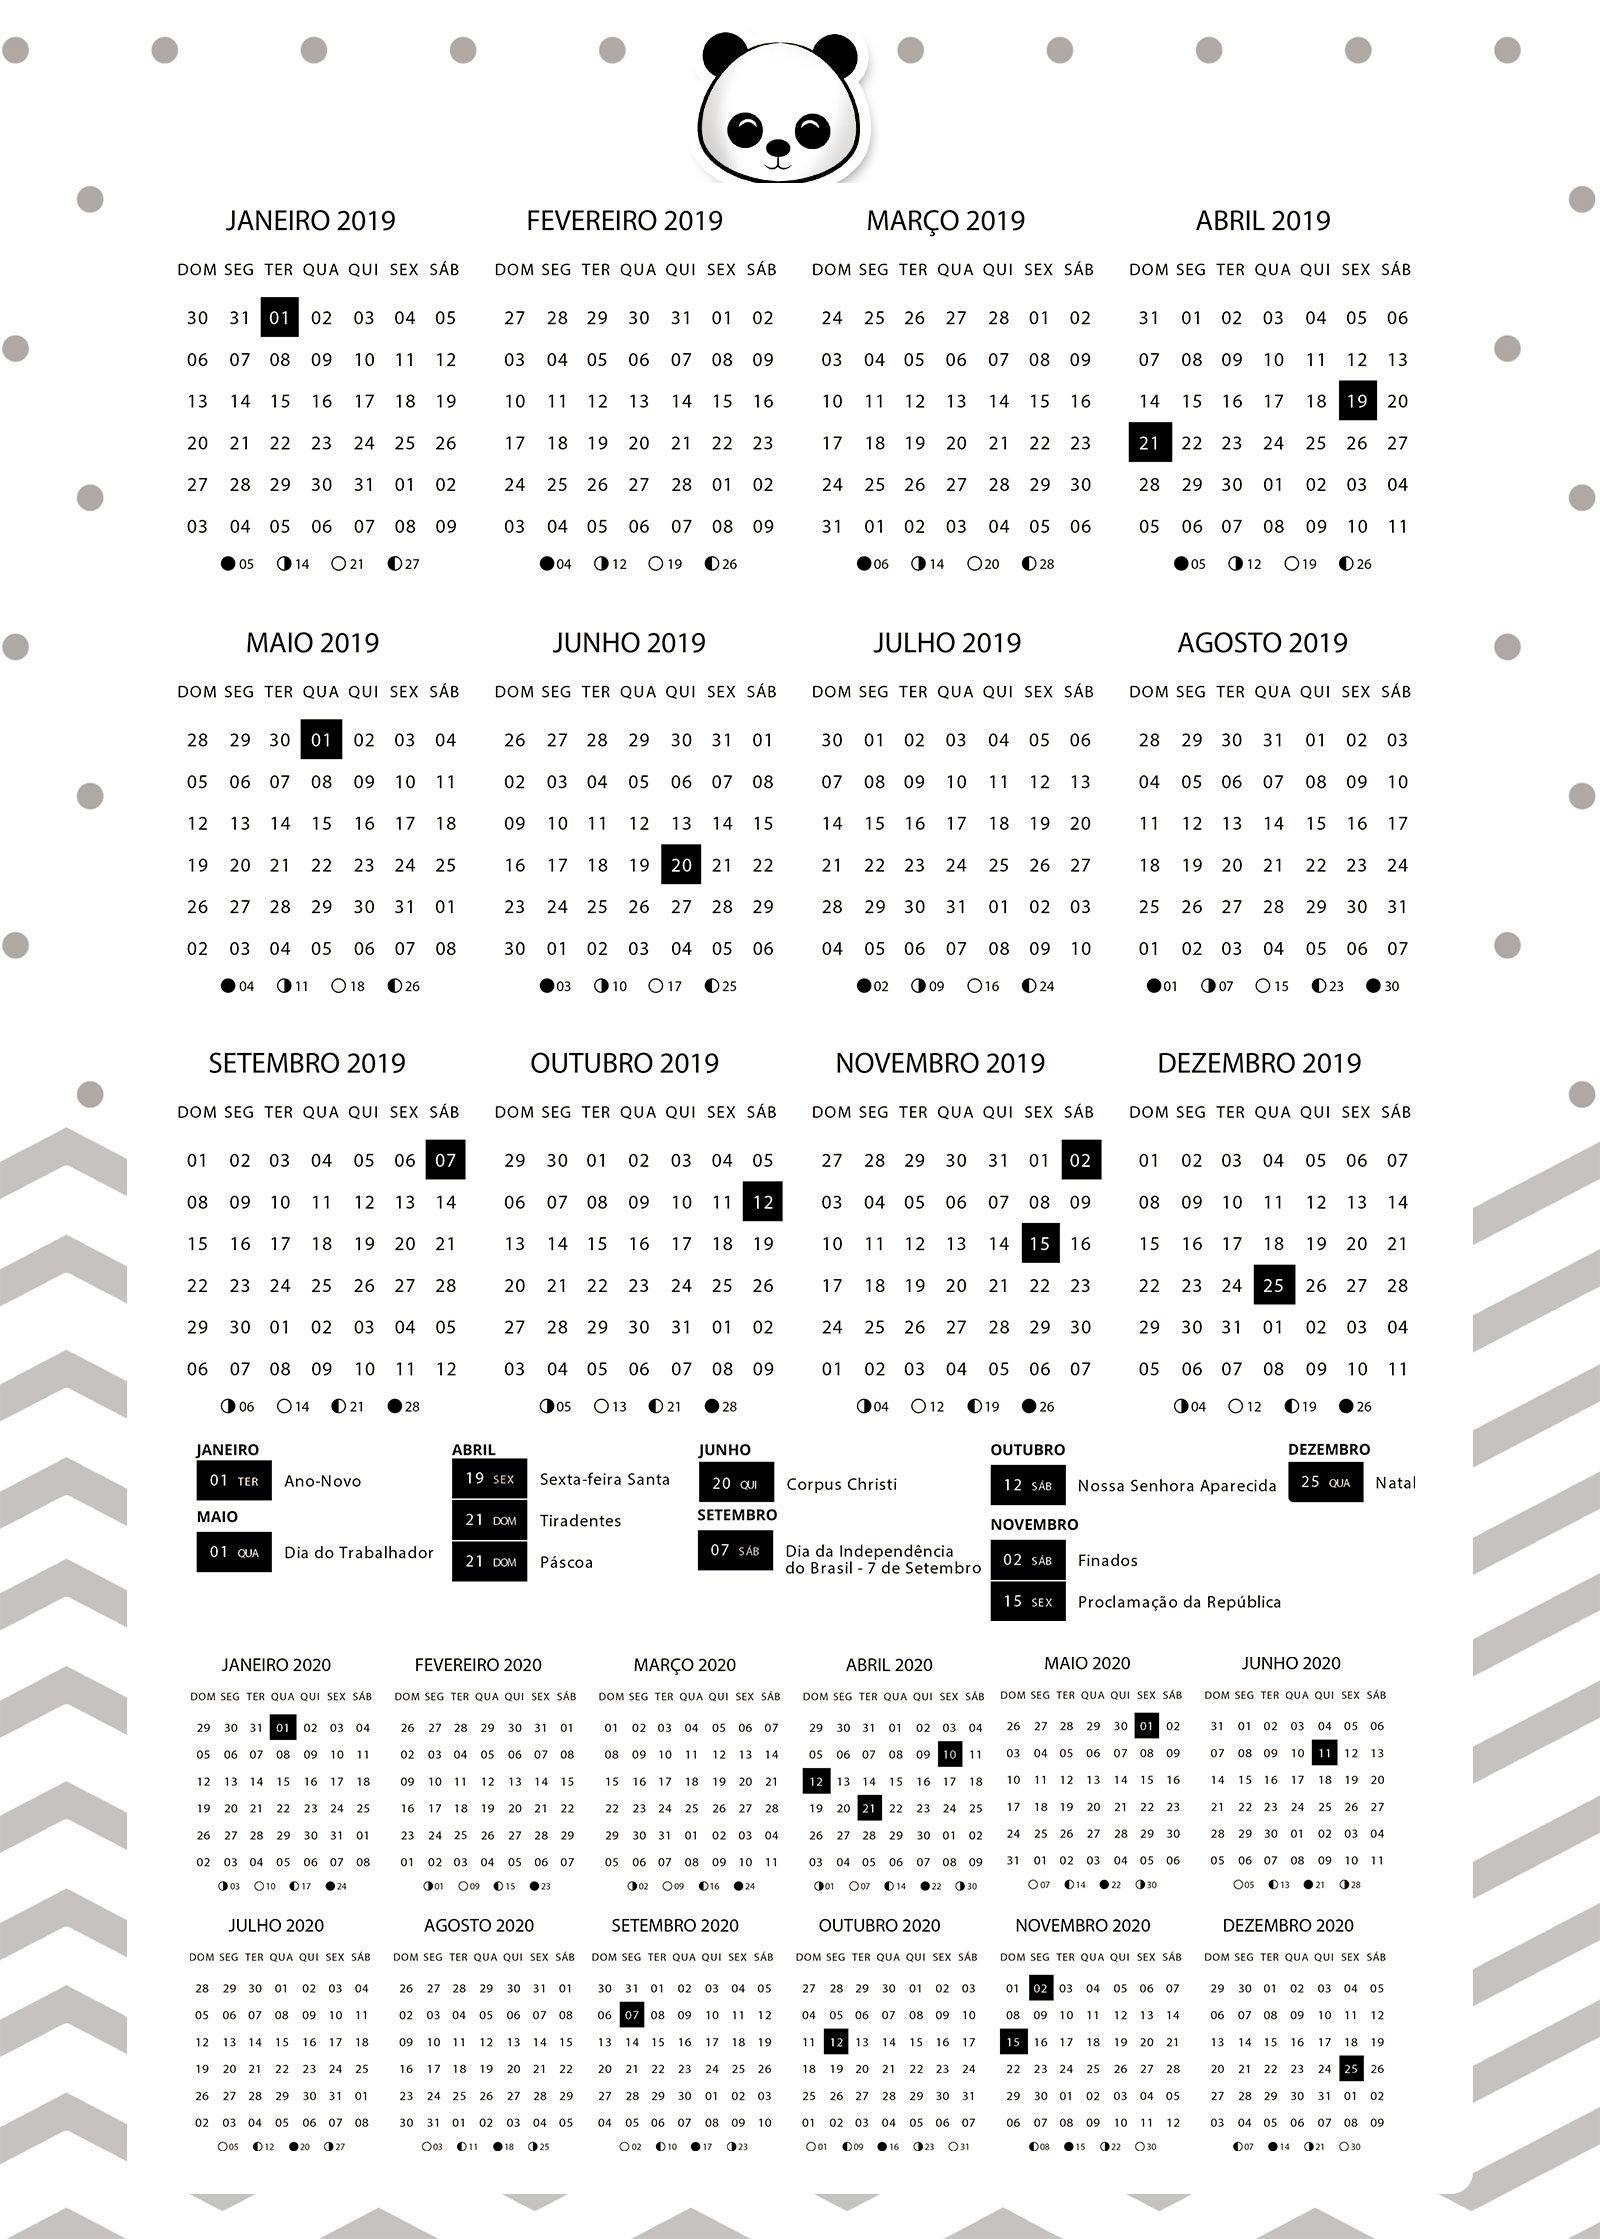 Imprimir Calendario Semestral 2017 Más Recientes Planner 2019 Panda Menino Calendario 2019 E 2020 Of Imprimir Calendario Semestral 2017 Más Arriba-a-fecha Calendario Ilustrado 2016 Gratis Ilustraciones